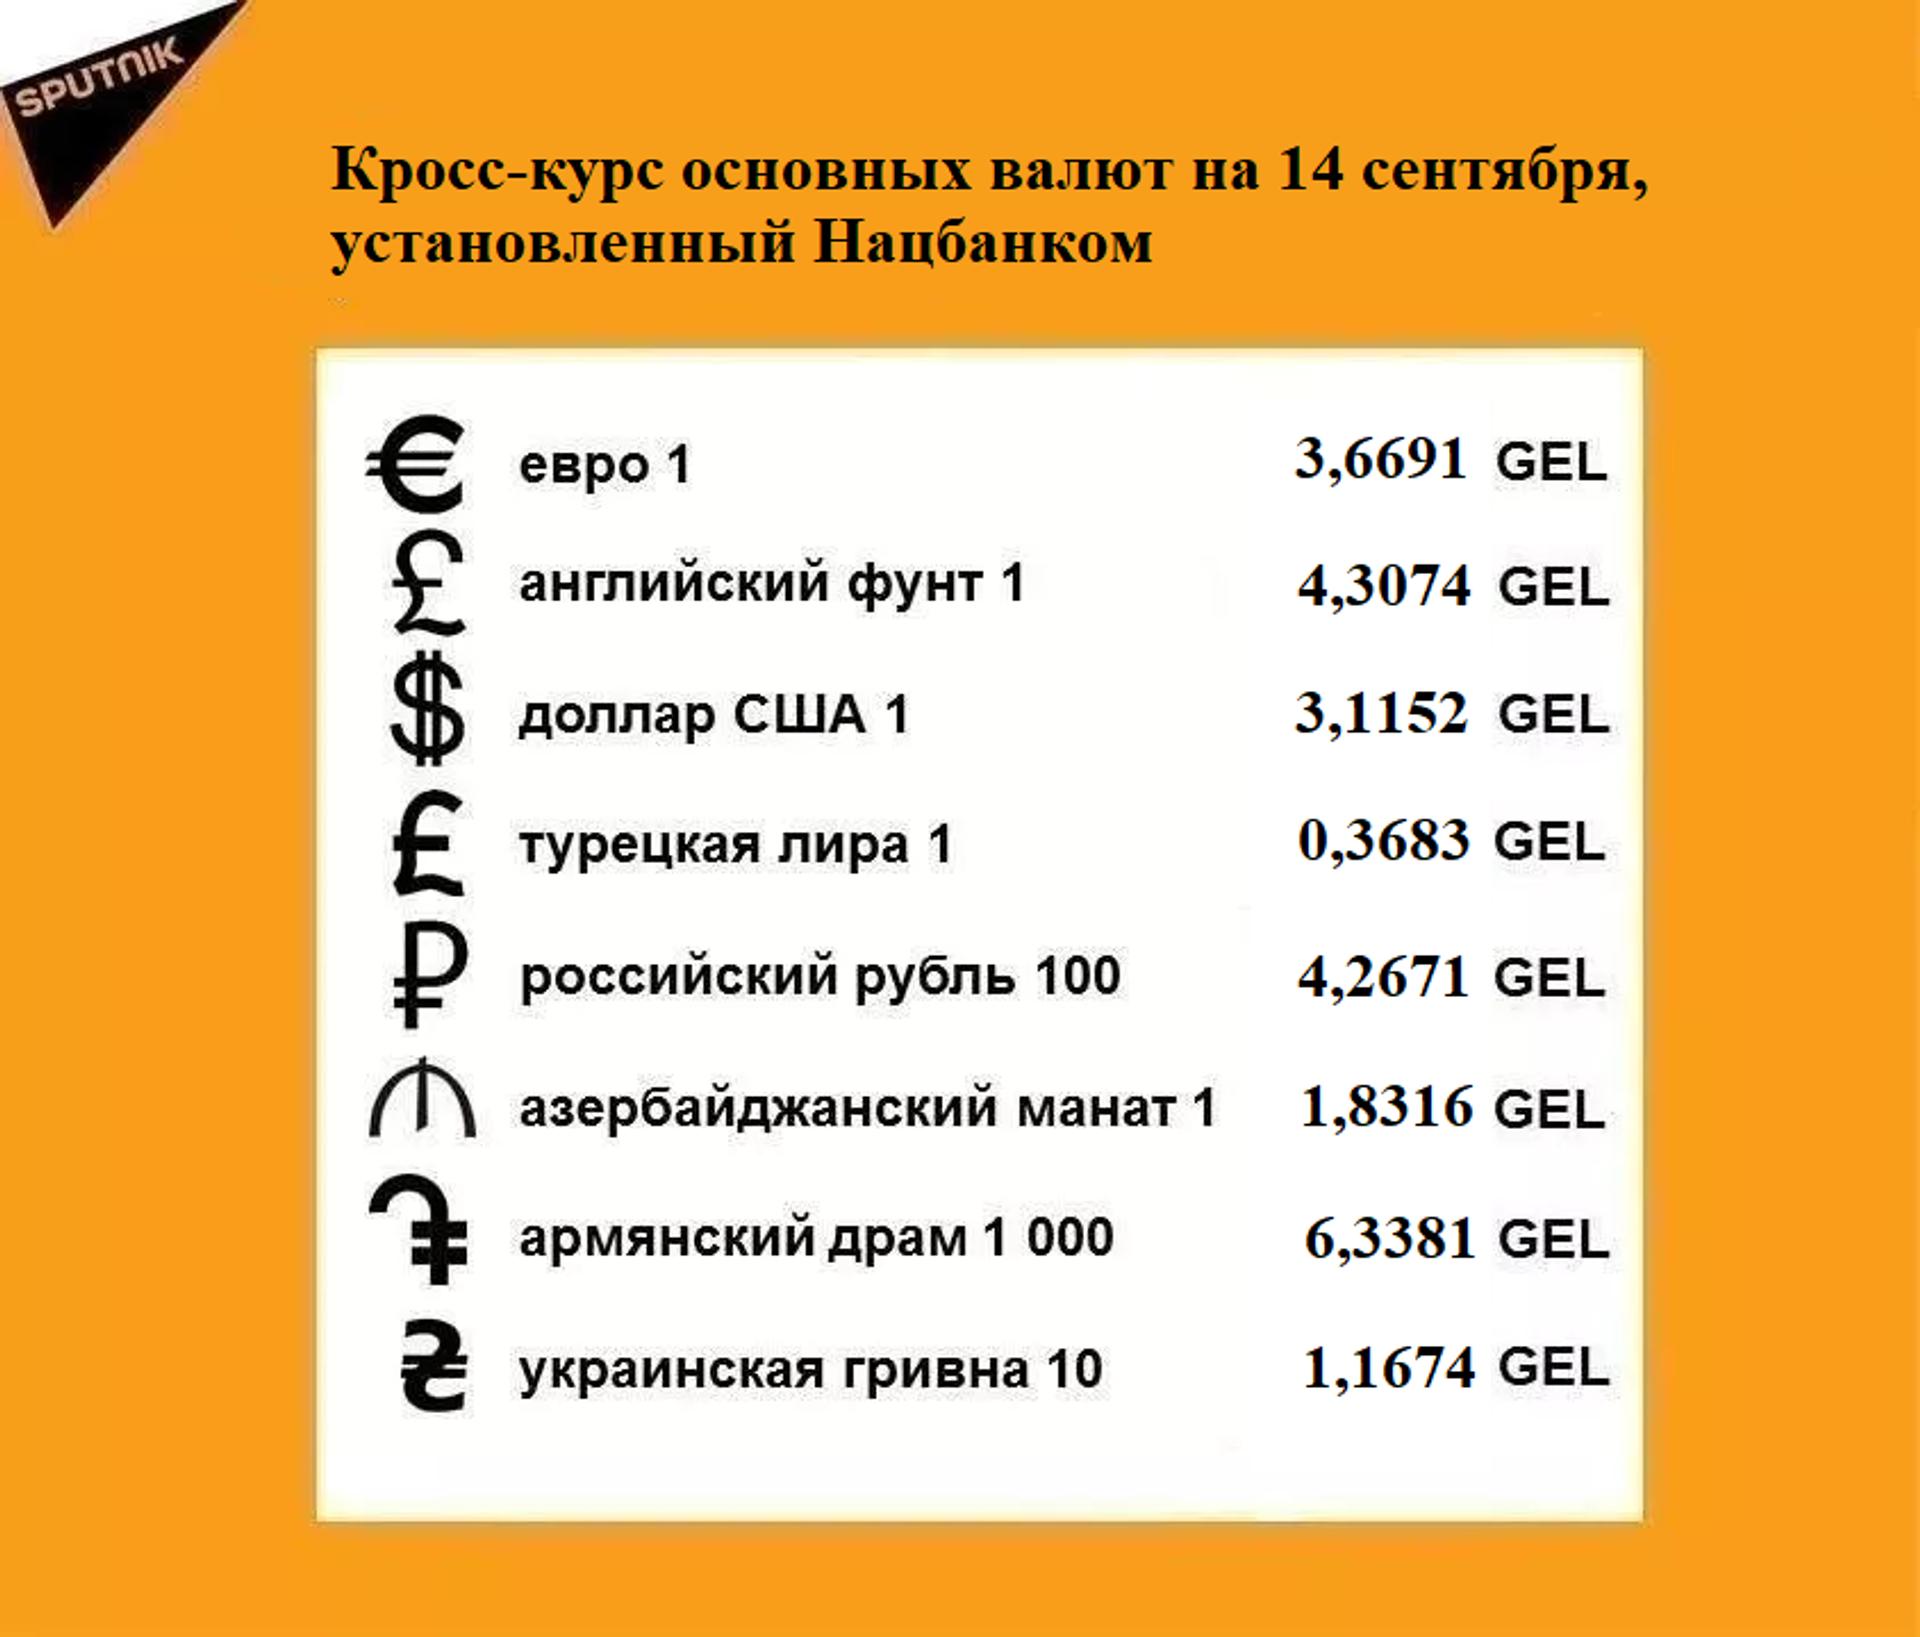 Кросс-курс основных валют на 14 сентября - Sputnik Грузия, 1920, 14.09.2021